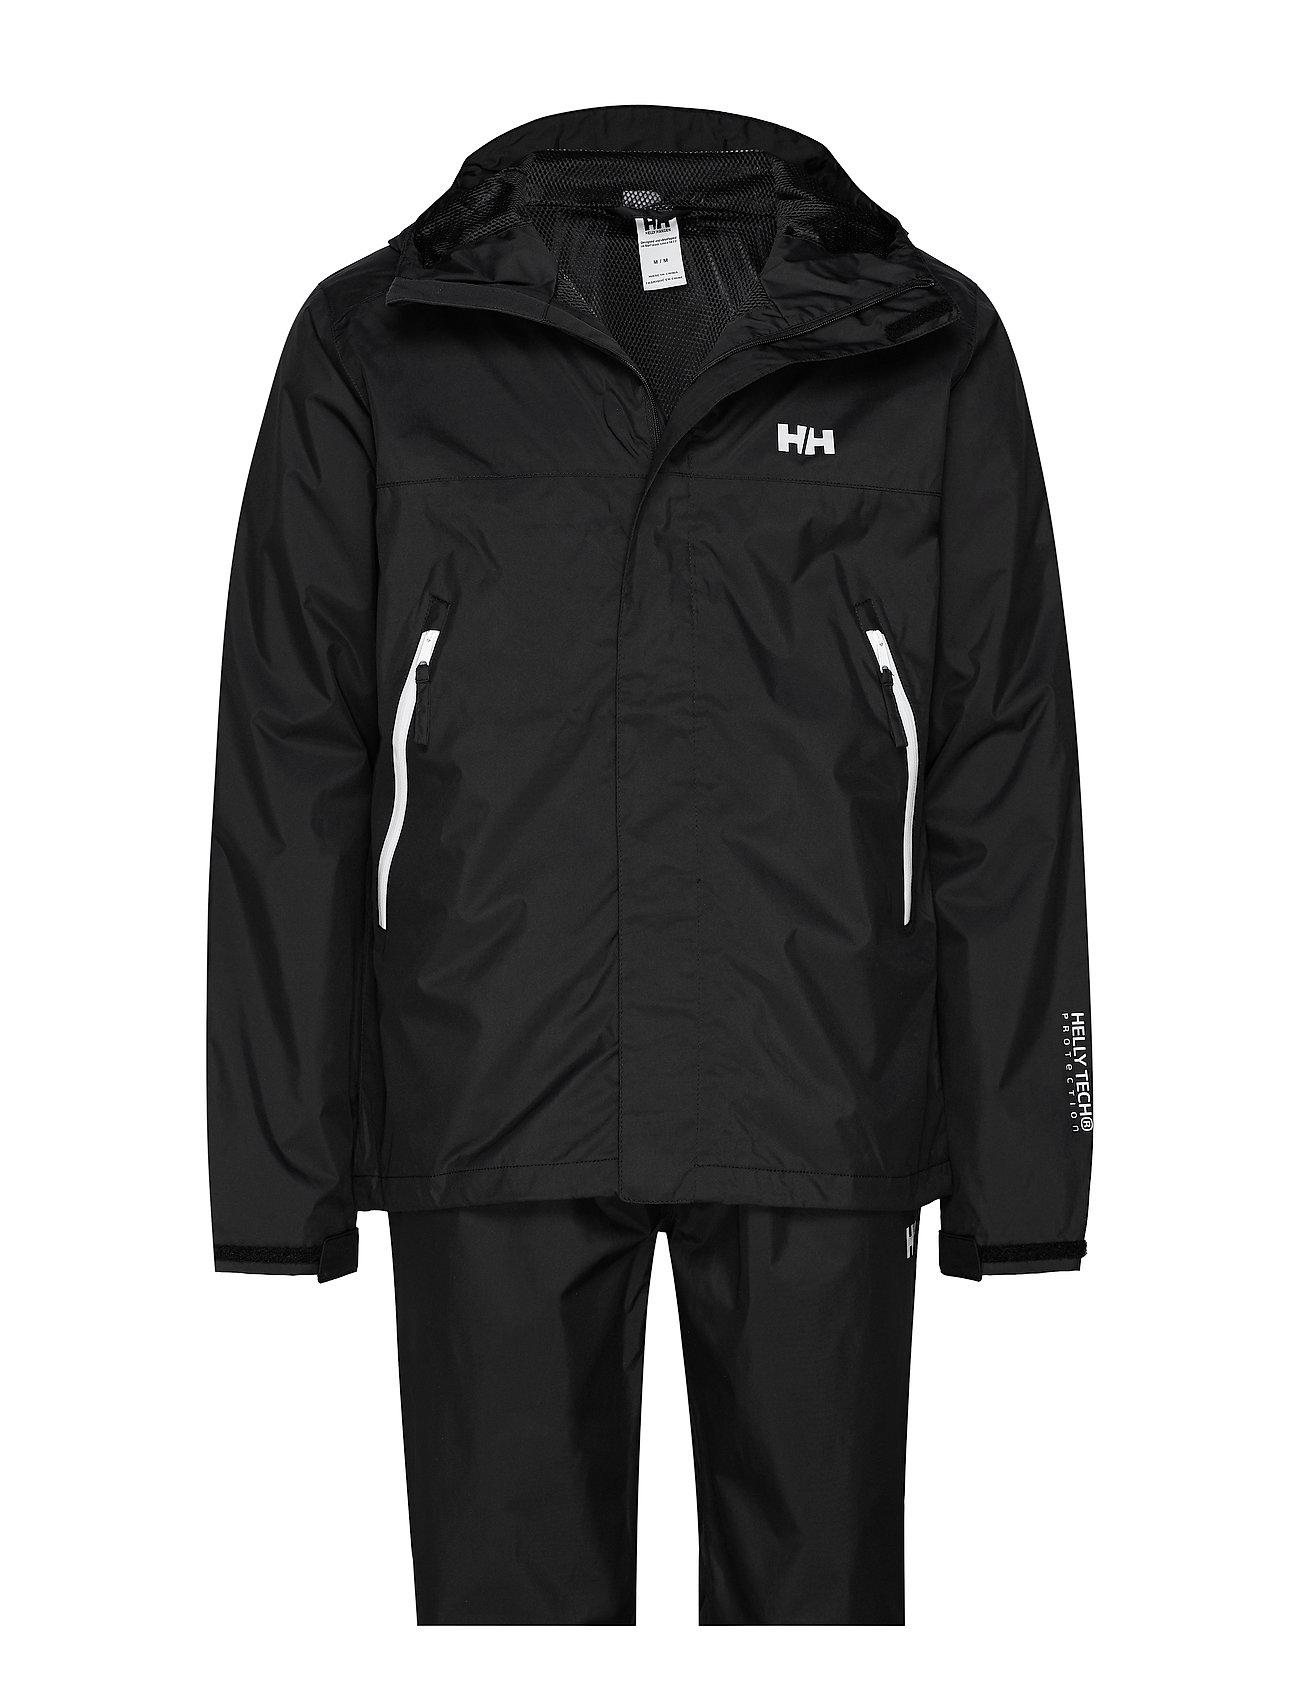 Helly Hansen LYSEFJORD SET - 990 BLACK